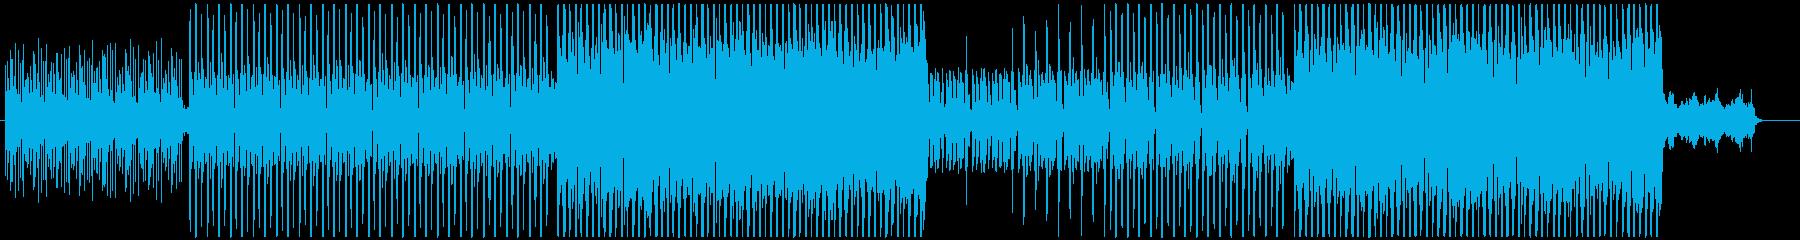 洋楽、パーティーEDM、ポップサウンド!の再生済みの波形